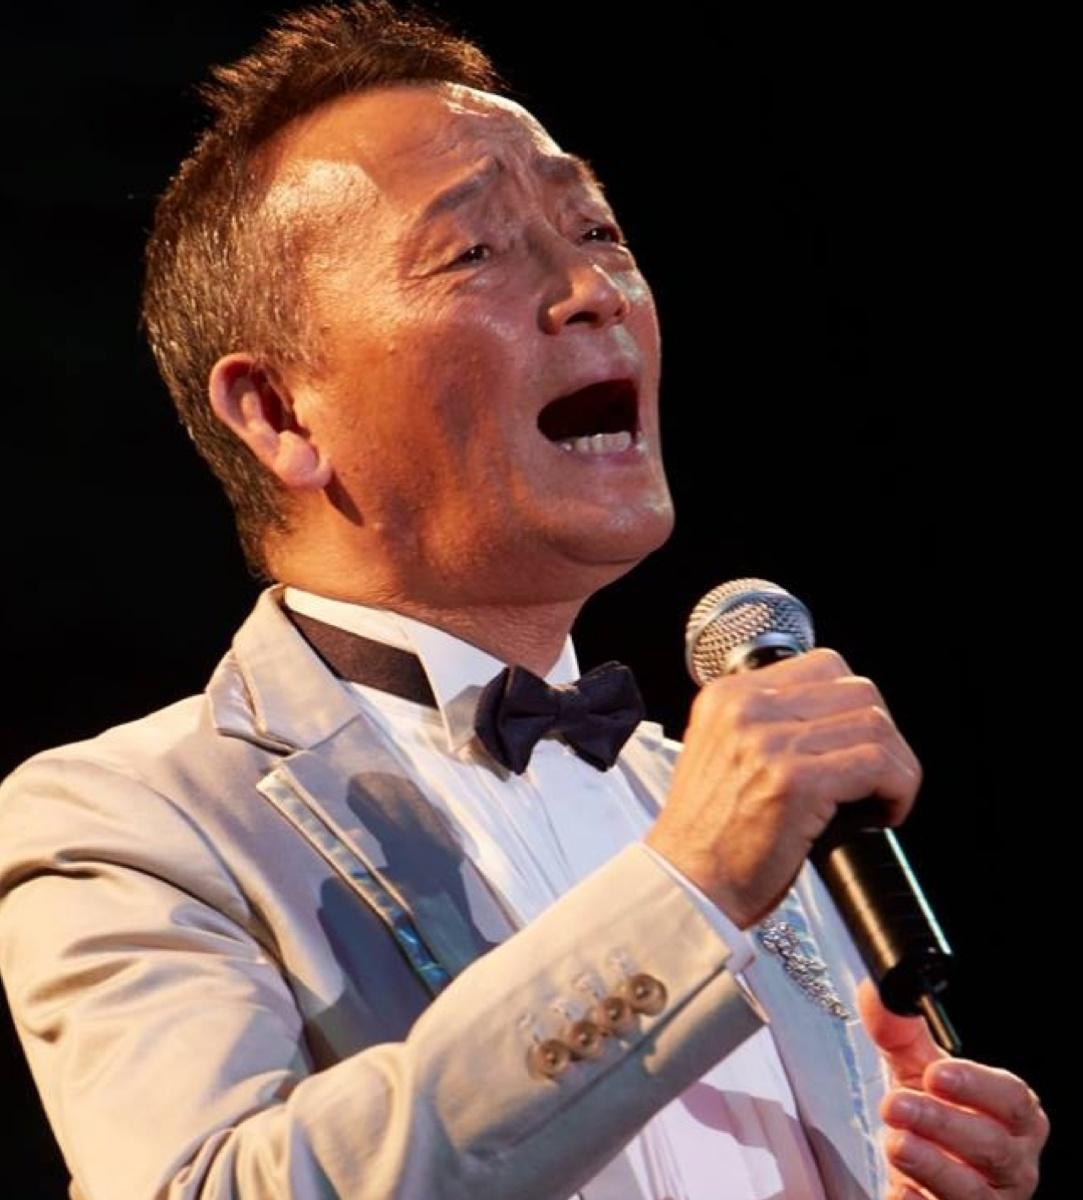 『伊藤多喜雄 LIVE AT APIA40〜古今東西。南の船、北の馬。〜』2月22日(月)22時からプレミア公開!